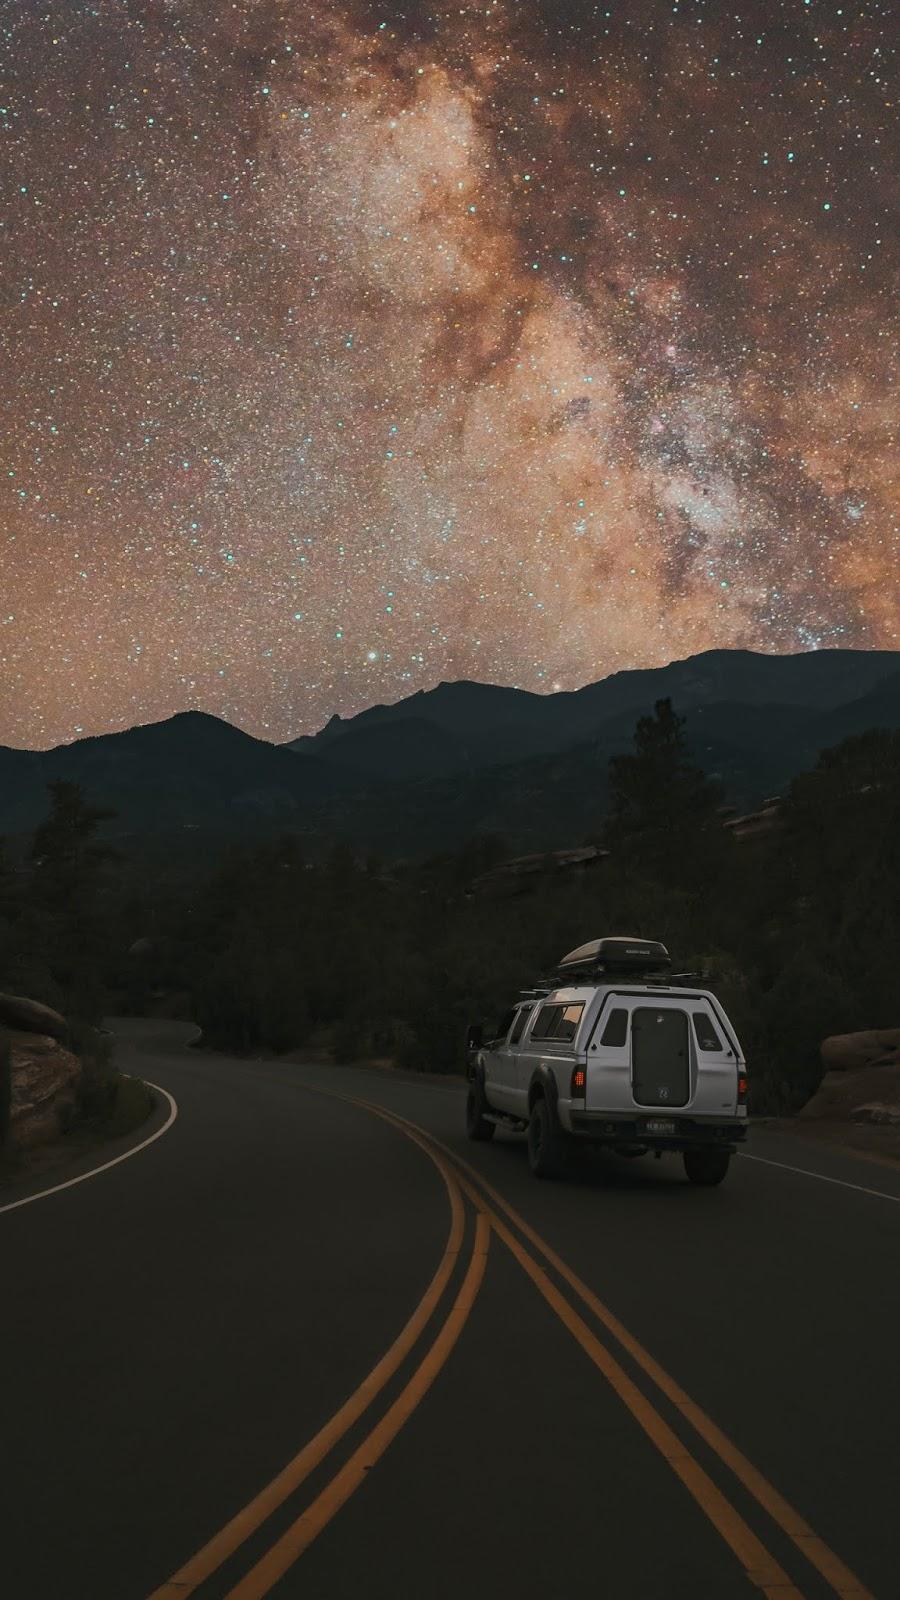 Road under night sky wallpaper